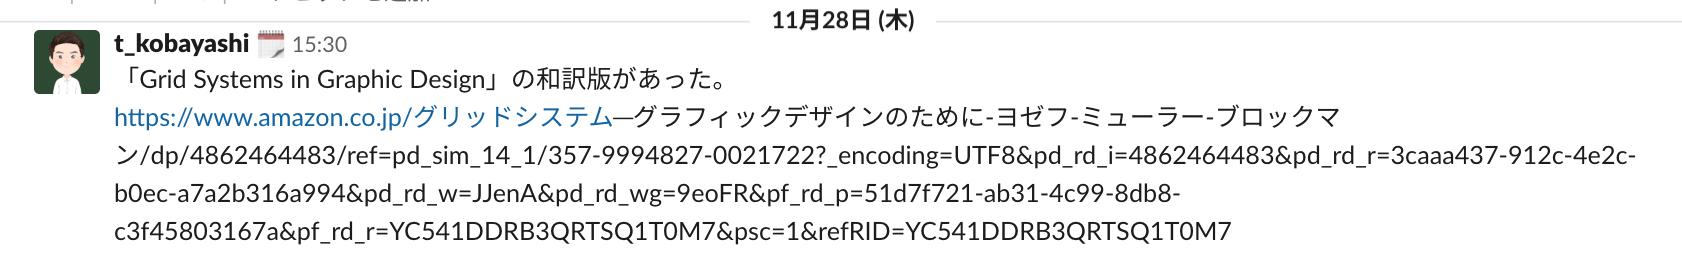 スクリーンショット 2019-12-05 10.29.24.png